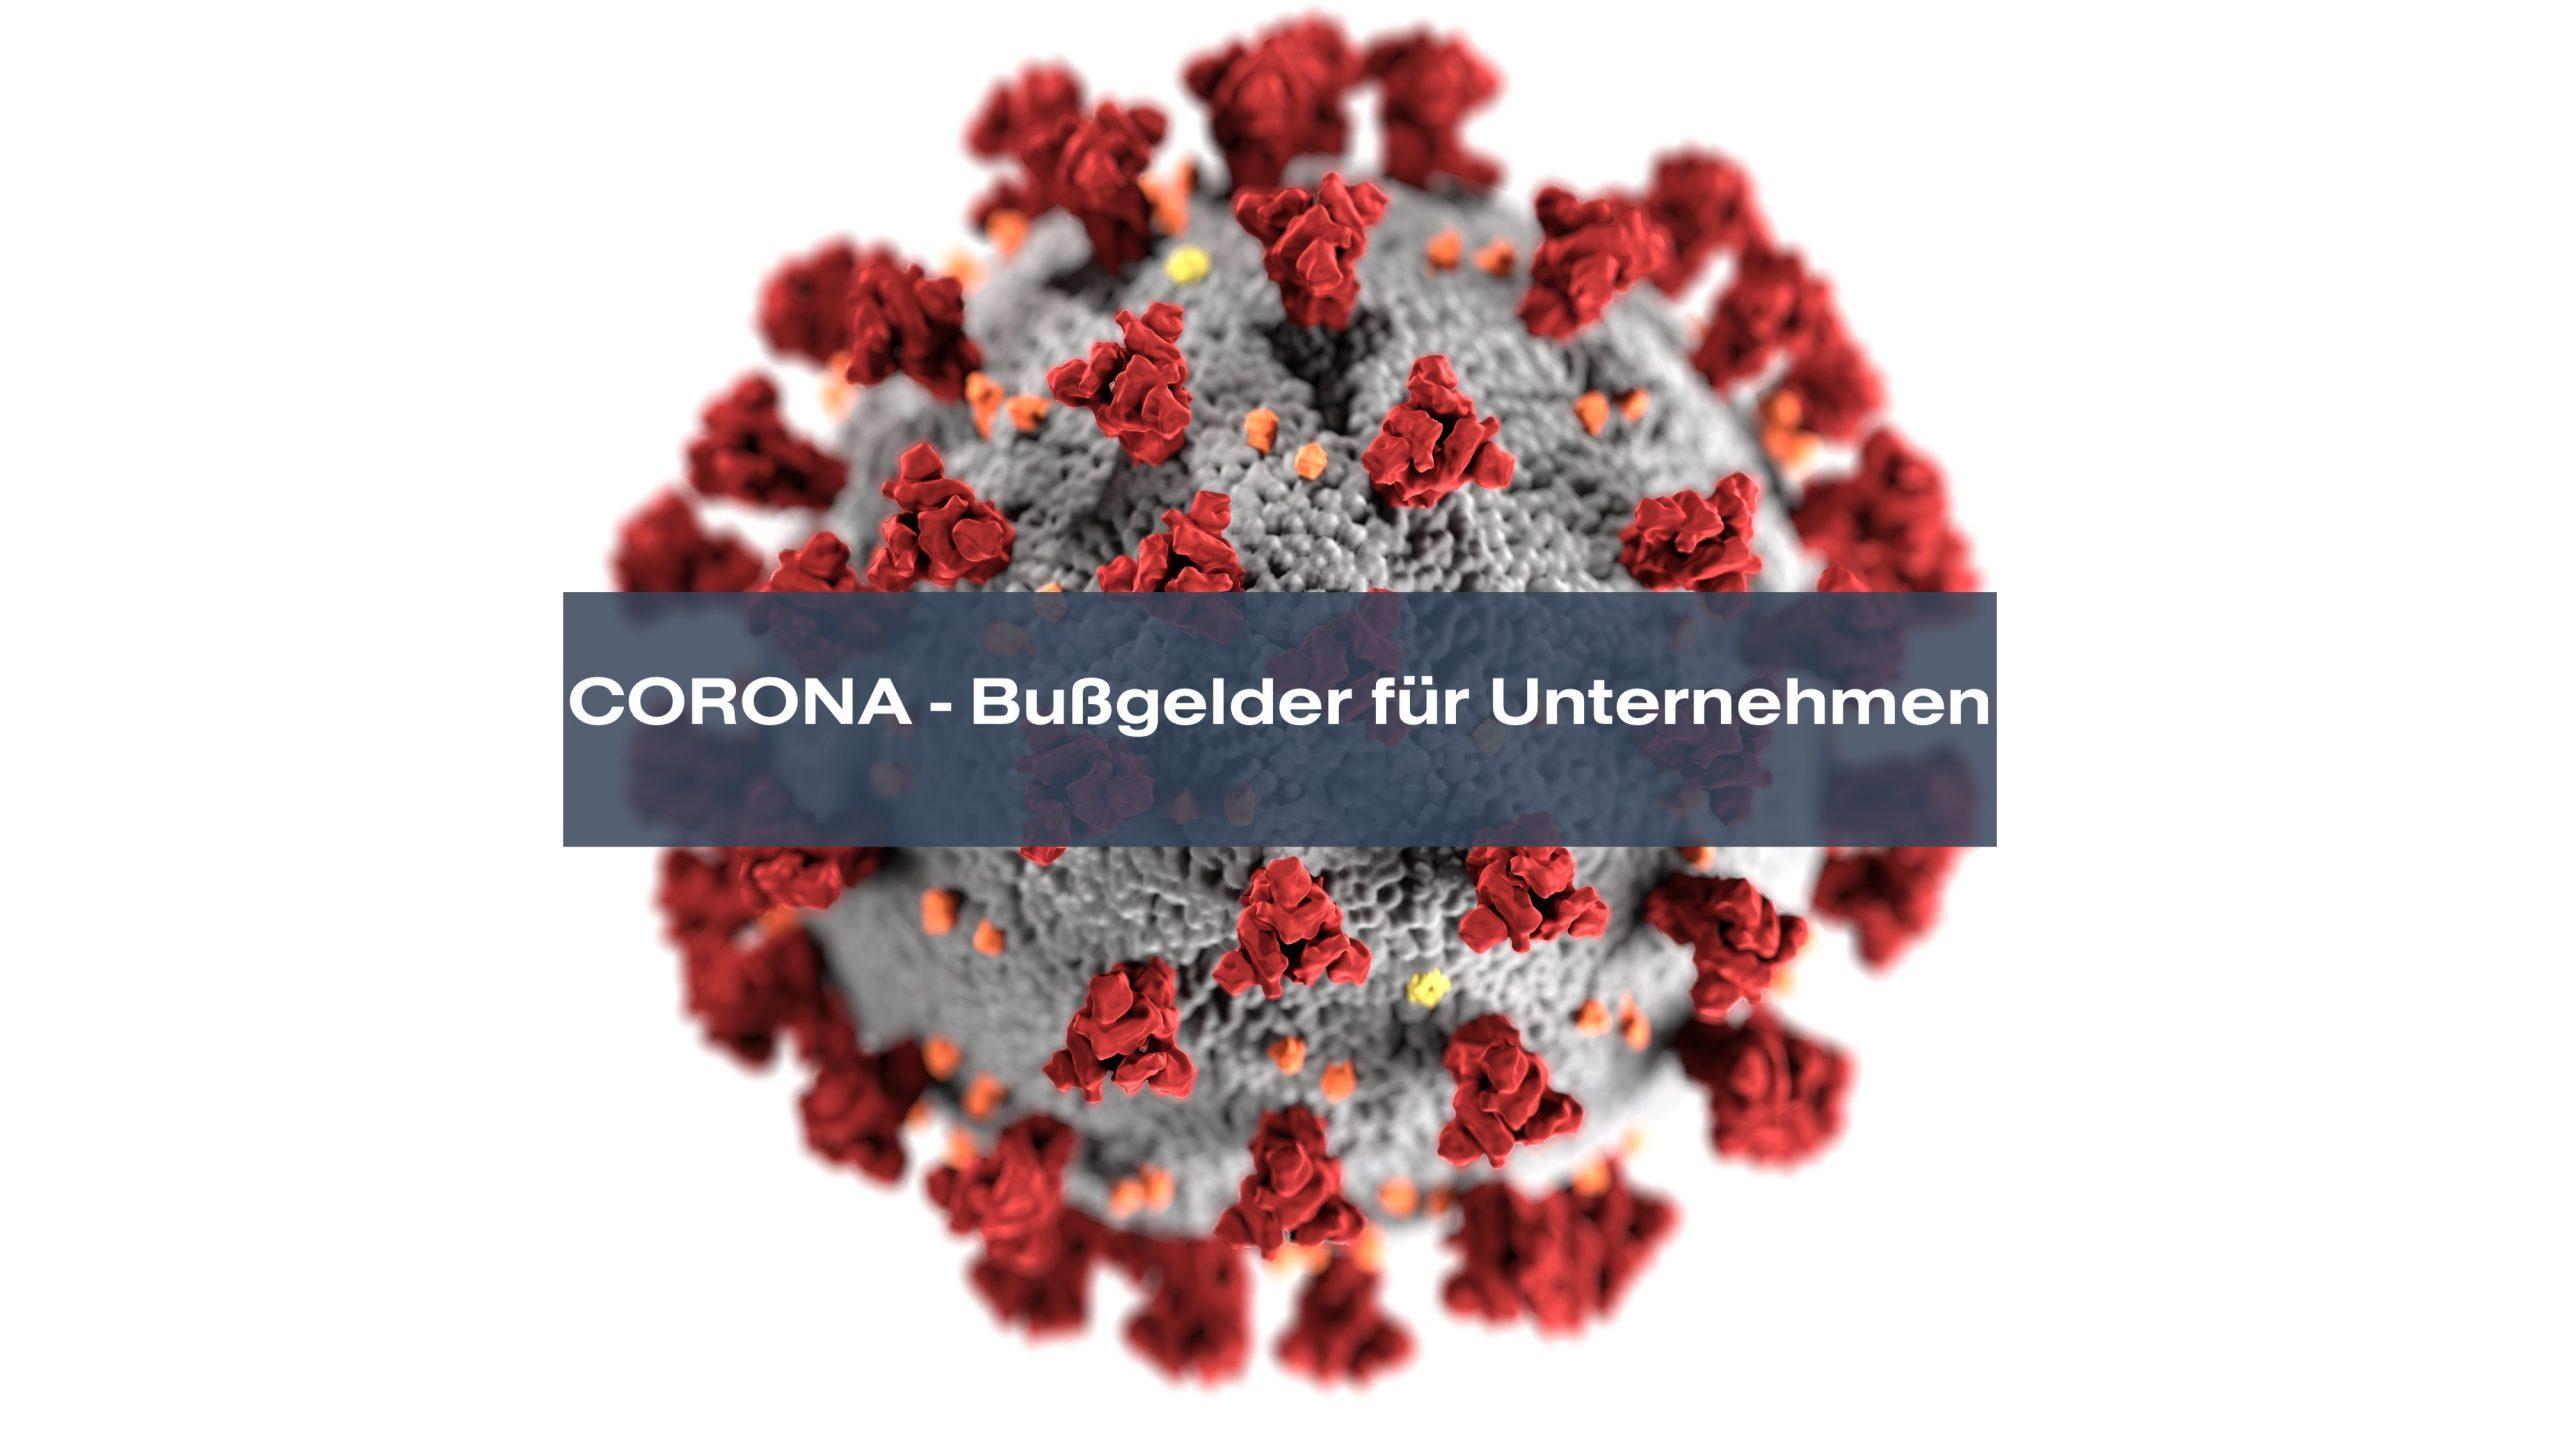 Corona Coronavirus Covid-19 Bußgelder für Unternehmer